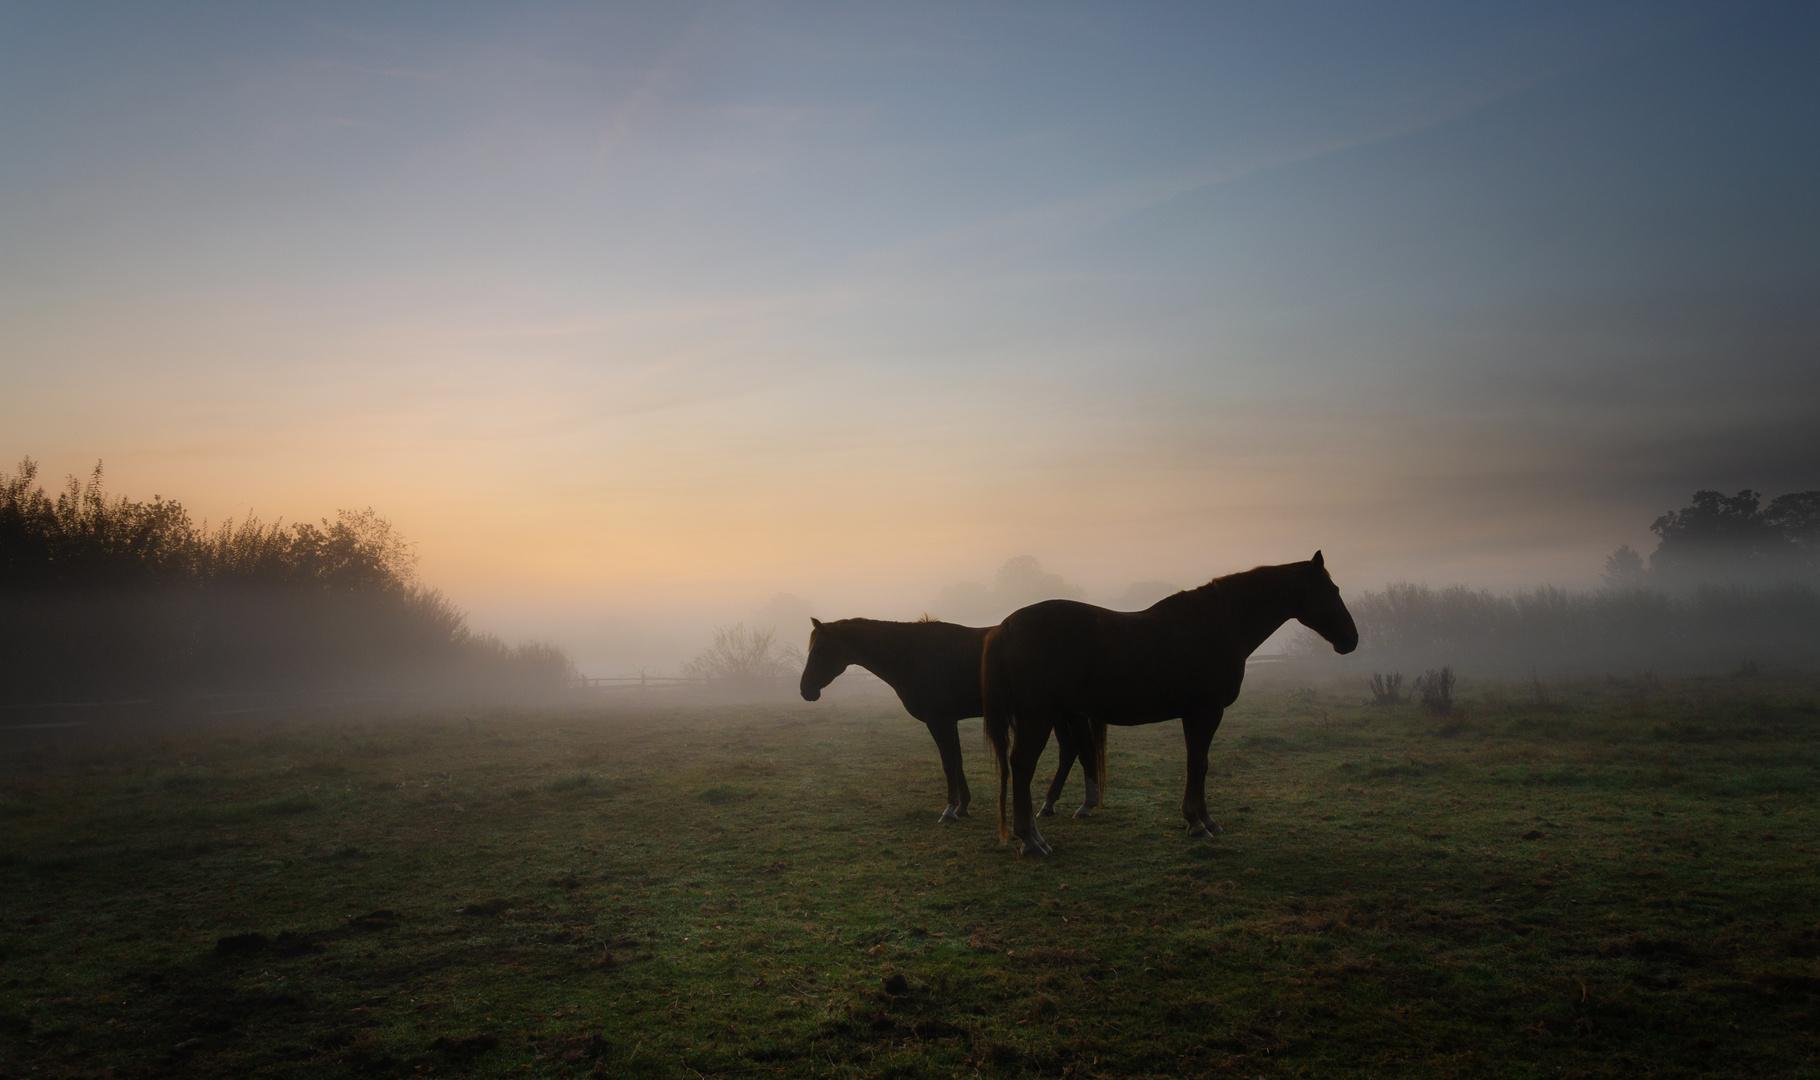 * double horses *